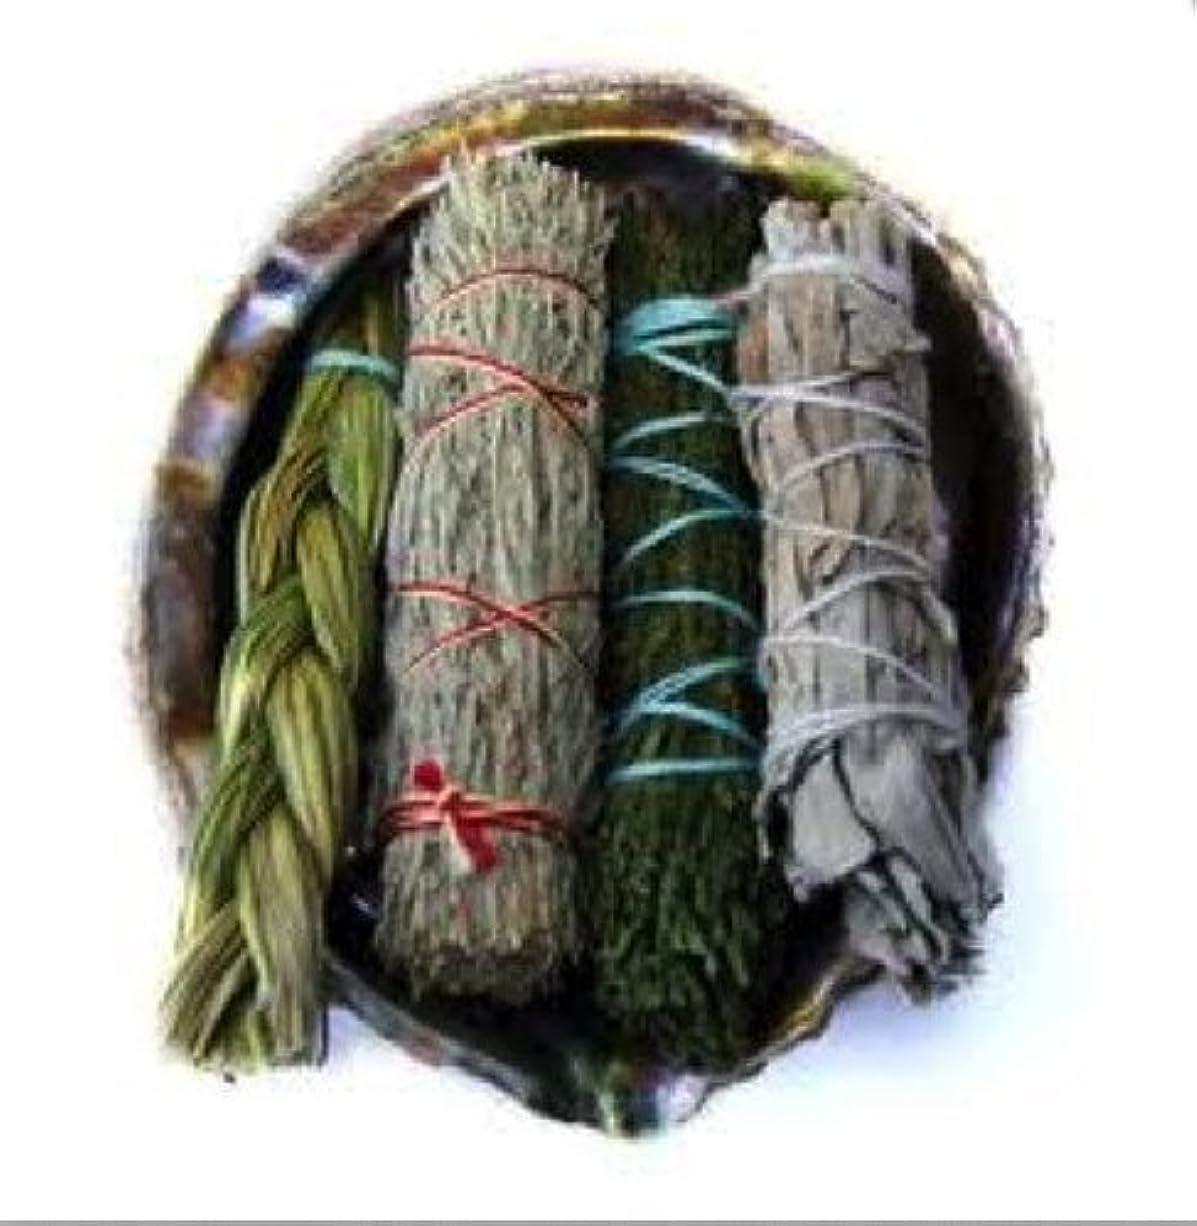 北米忠実アマゾンジャングルOfferings SmudgeキットIncludes Large Abaloneシェル、Sweetgrass三つ編み、ホワイトセージ、砂漠セージ、CedarセージSticks Plus砂